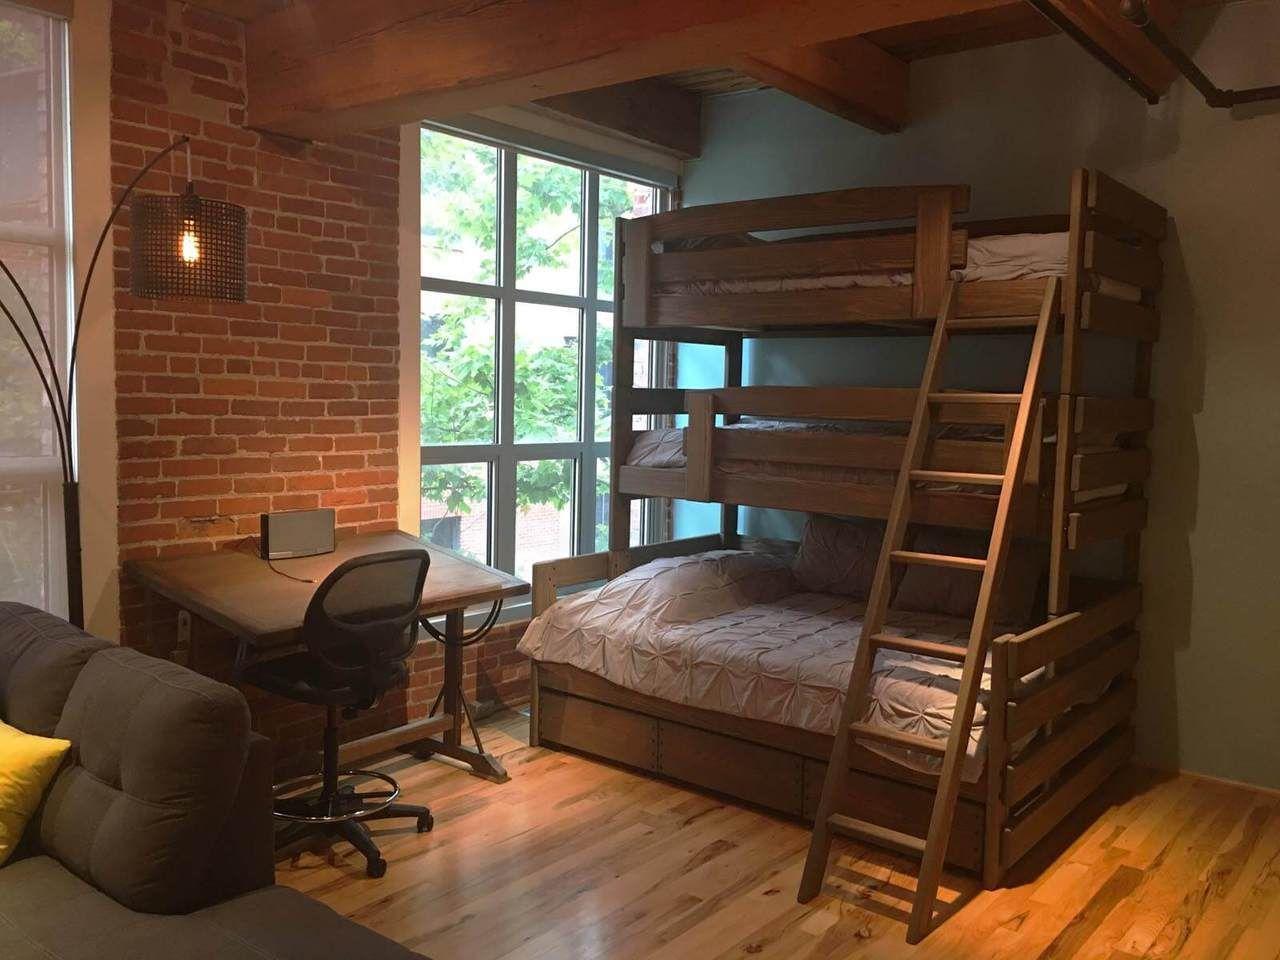 Columbus Bunk beds, Queen bunk beds, Triple bunk beds